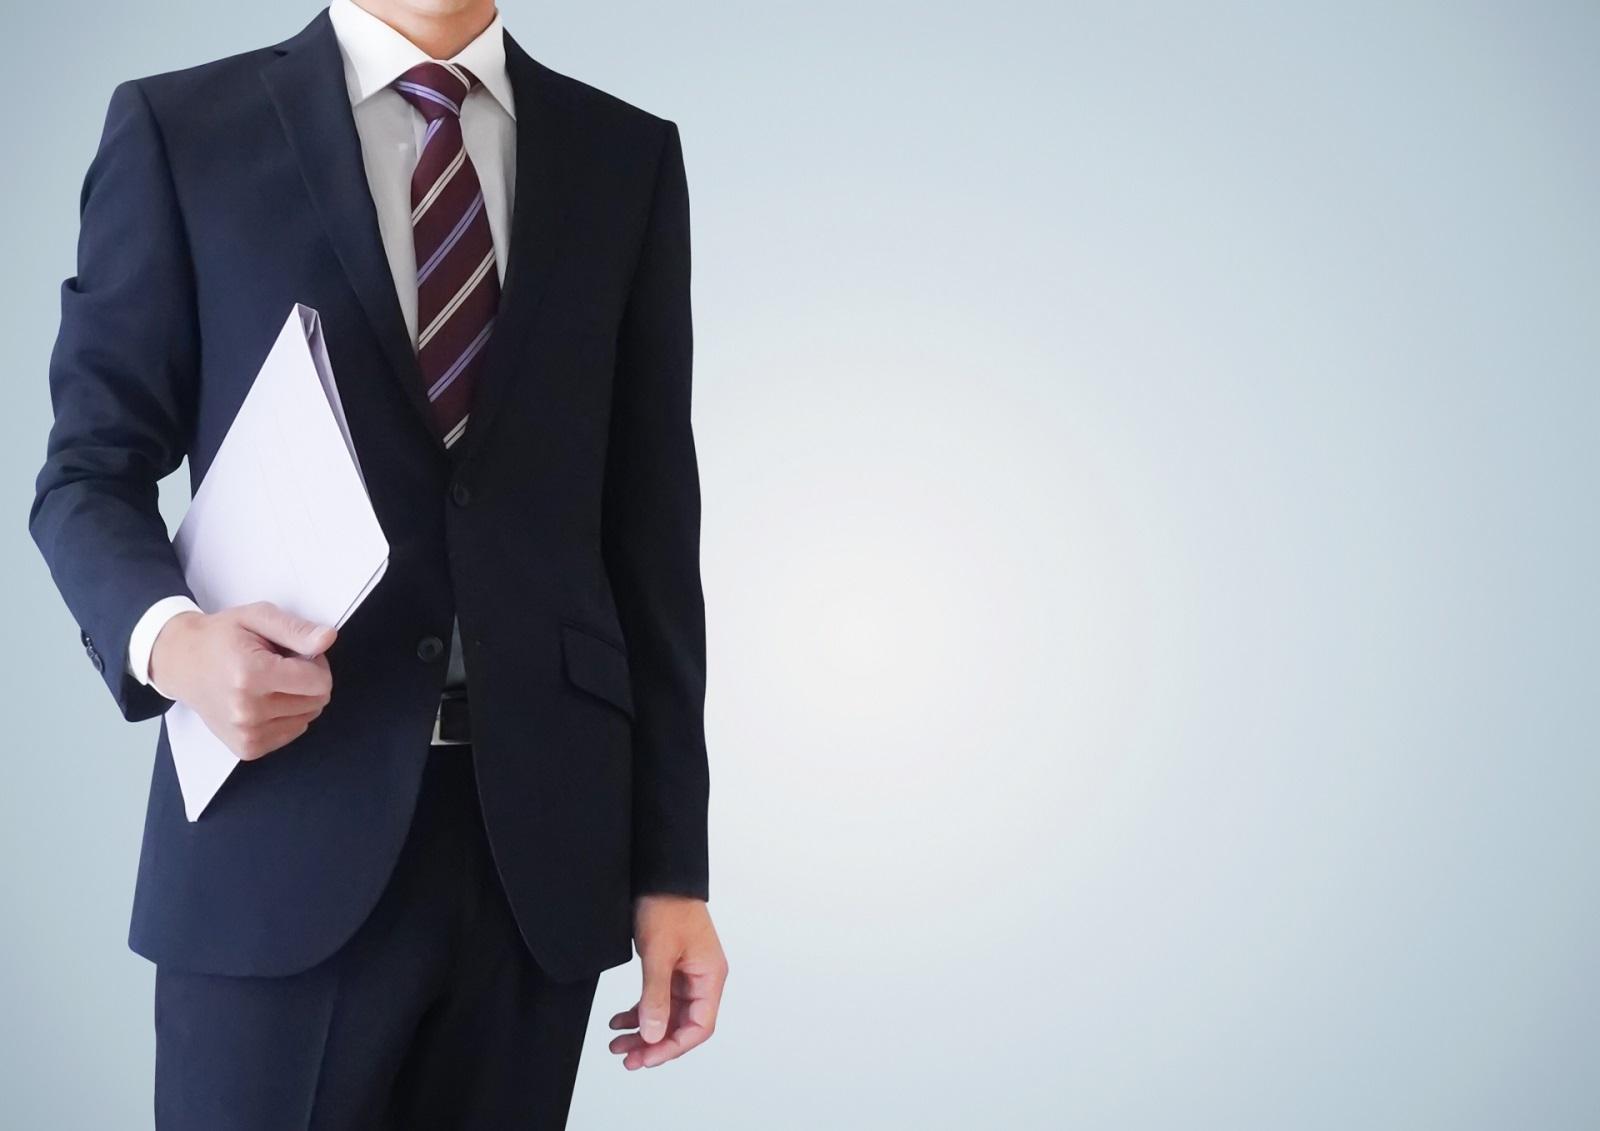 男性の出張に必要な持ち物リスト。スーツを着た男性が立っている描写。